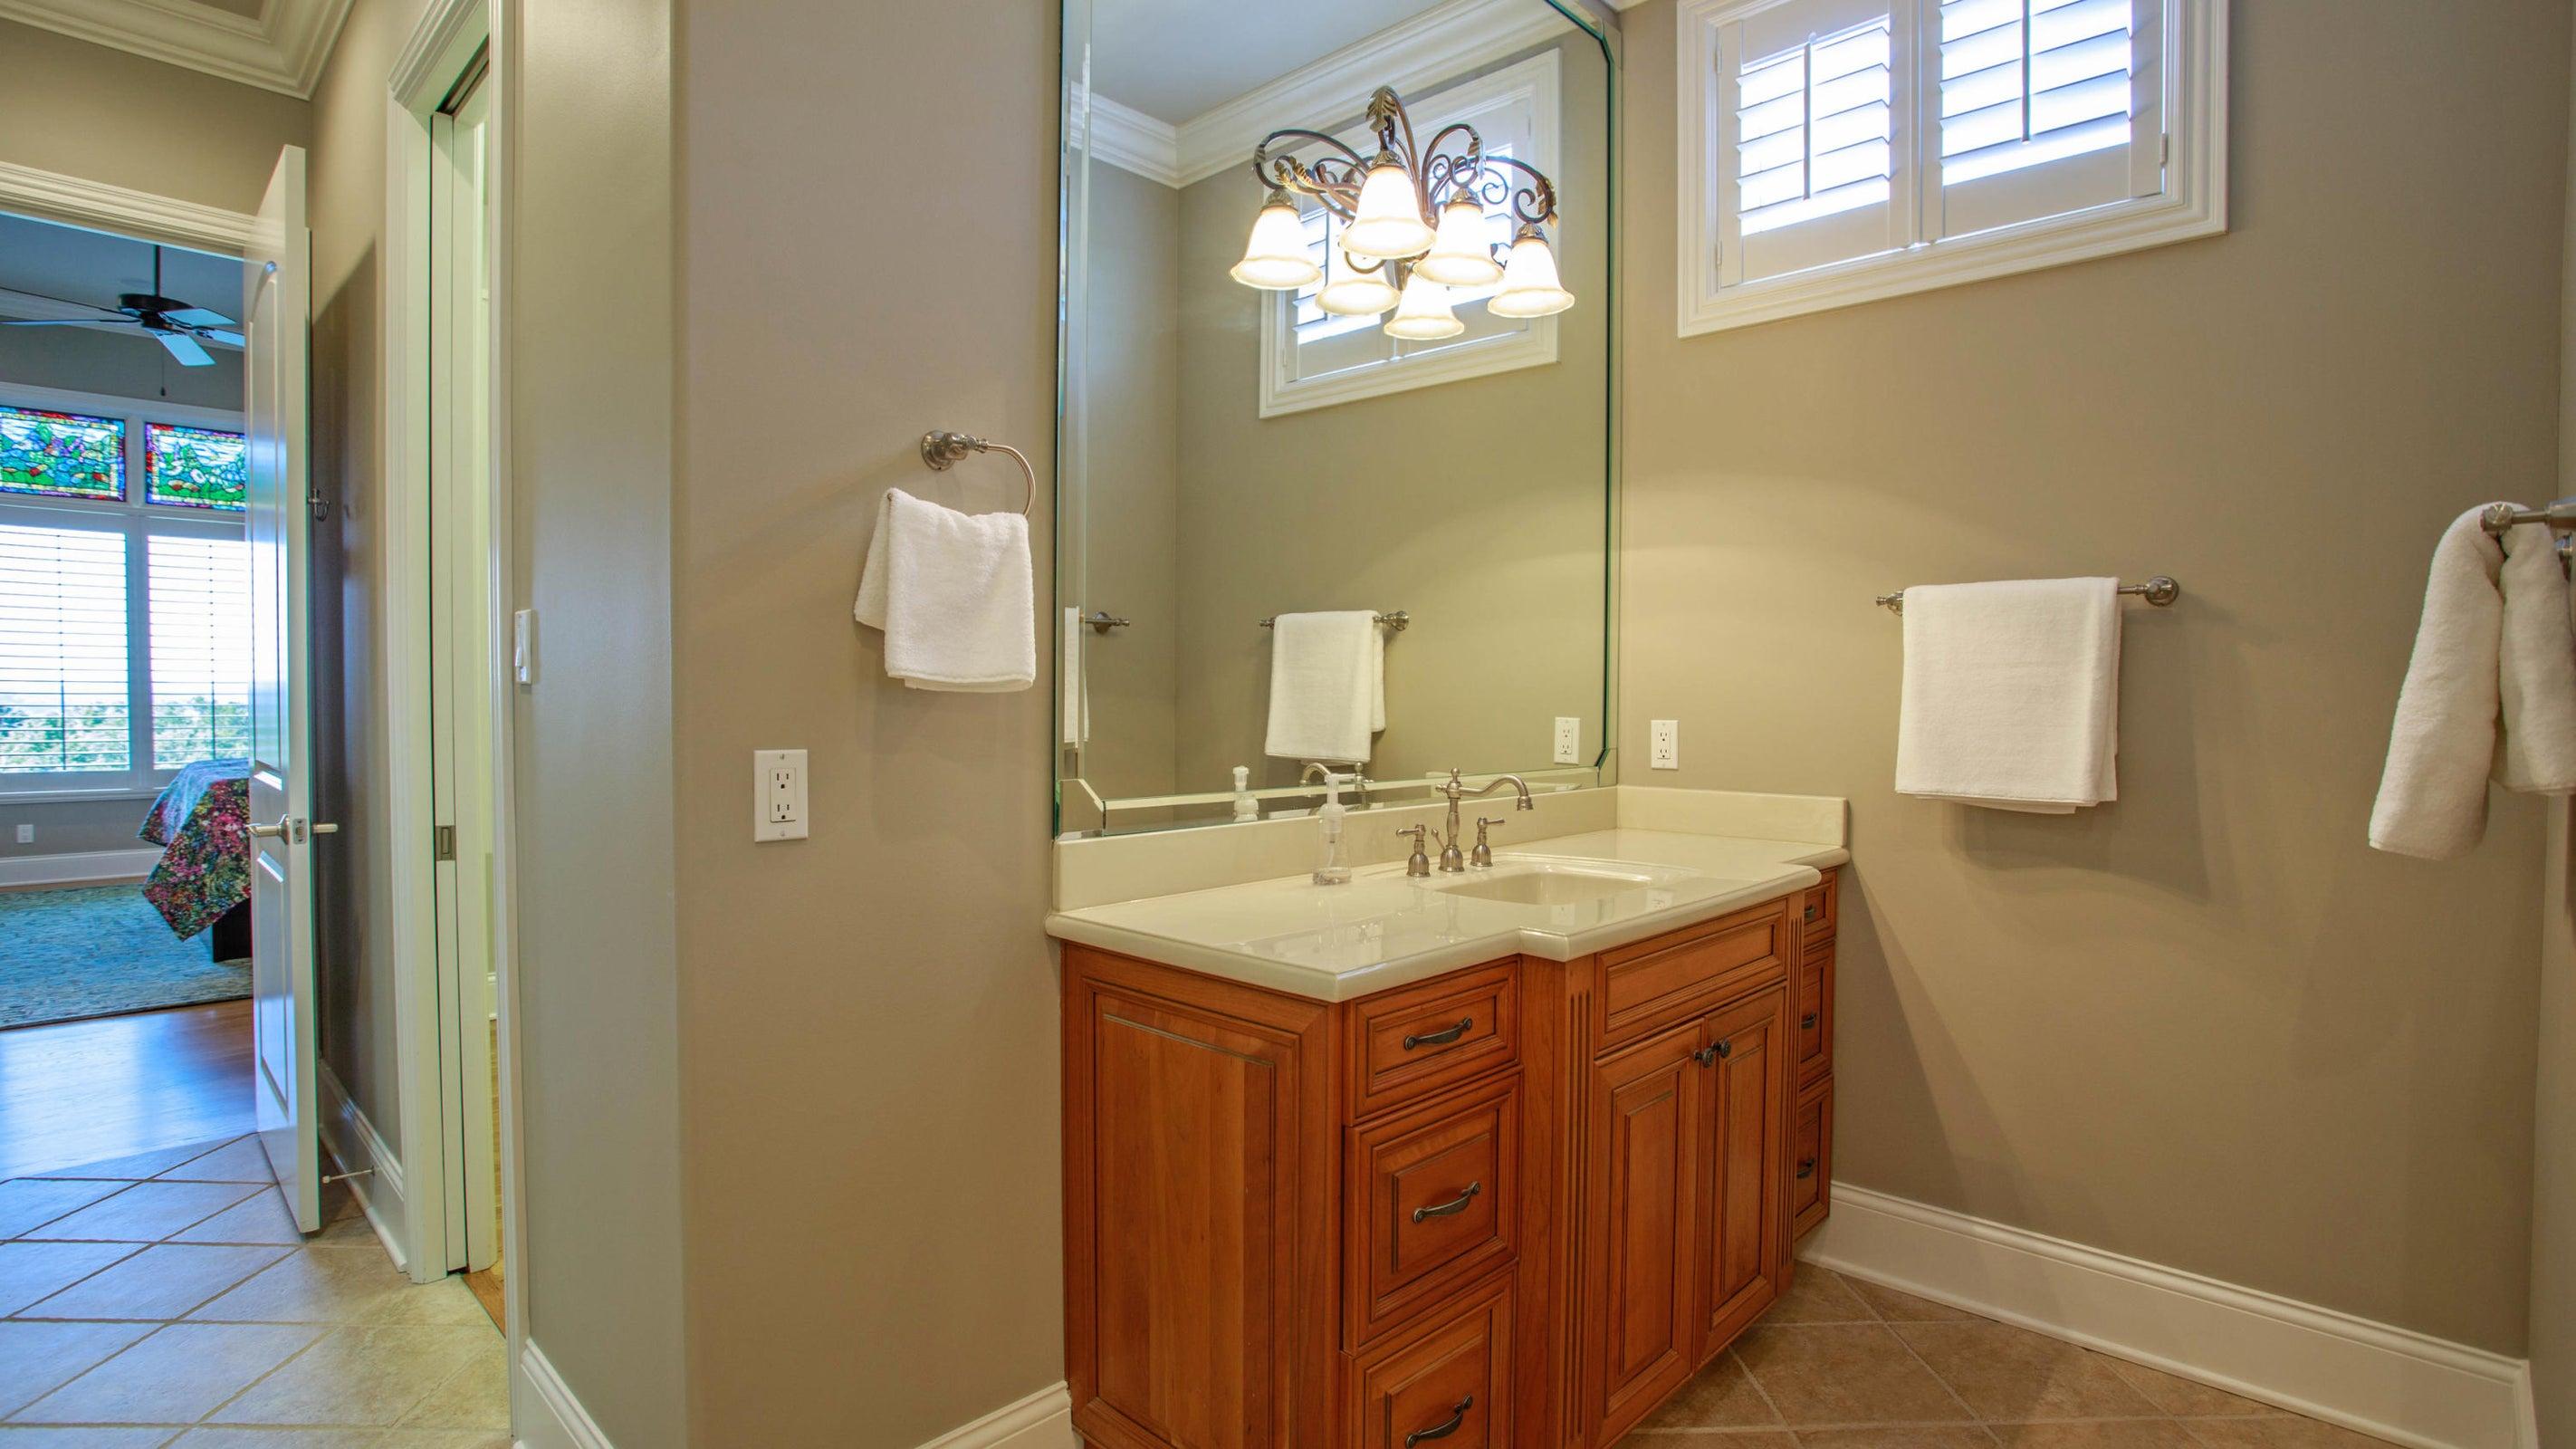 Double vanities and walk-in shower